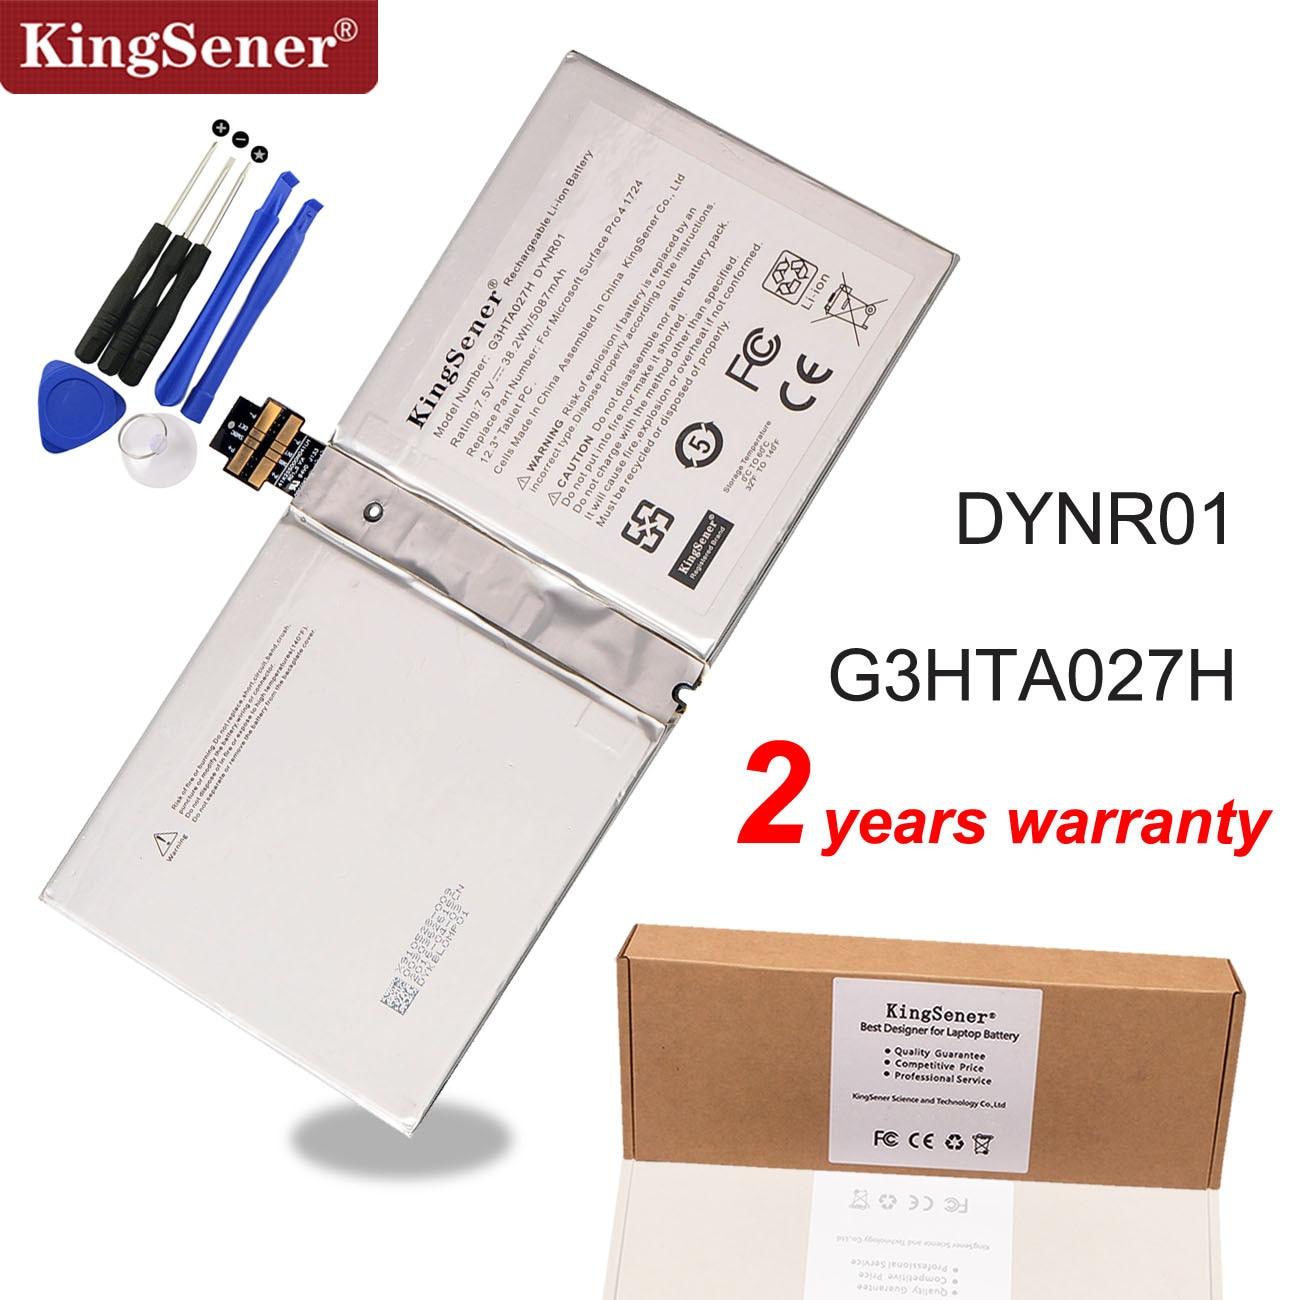 KingSener G3HTA027H DYNR01 Laptop Battery For Microsoft Surface Pro 4 1724 12.3